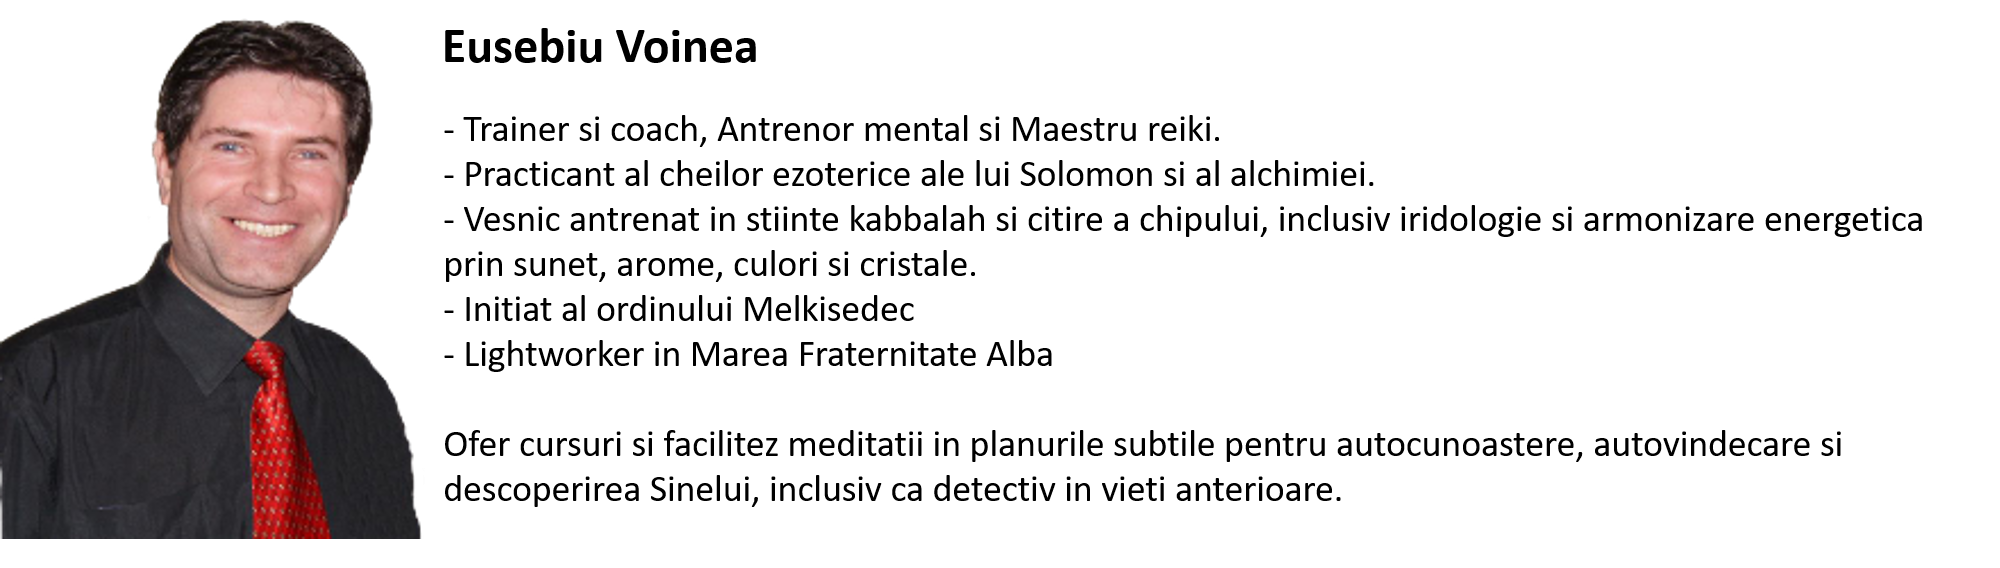 Eusebiu Voinea - gandeste liber si creativ